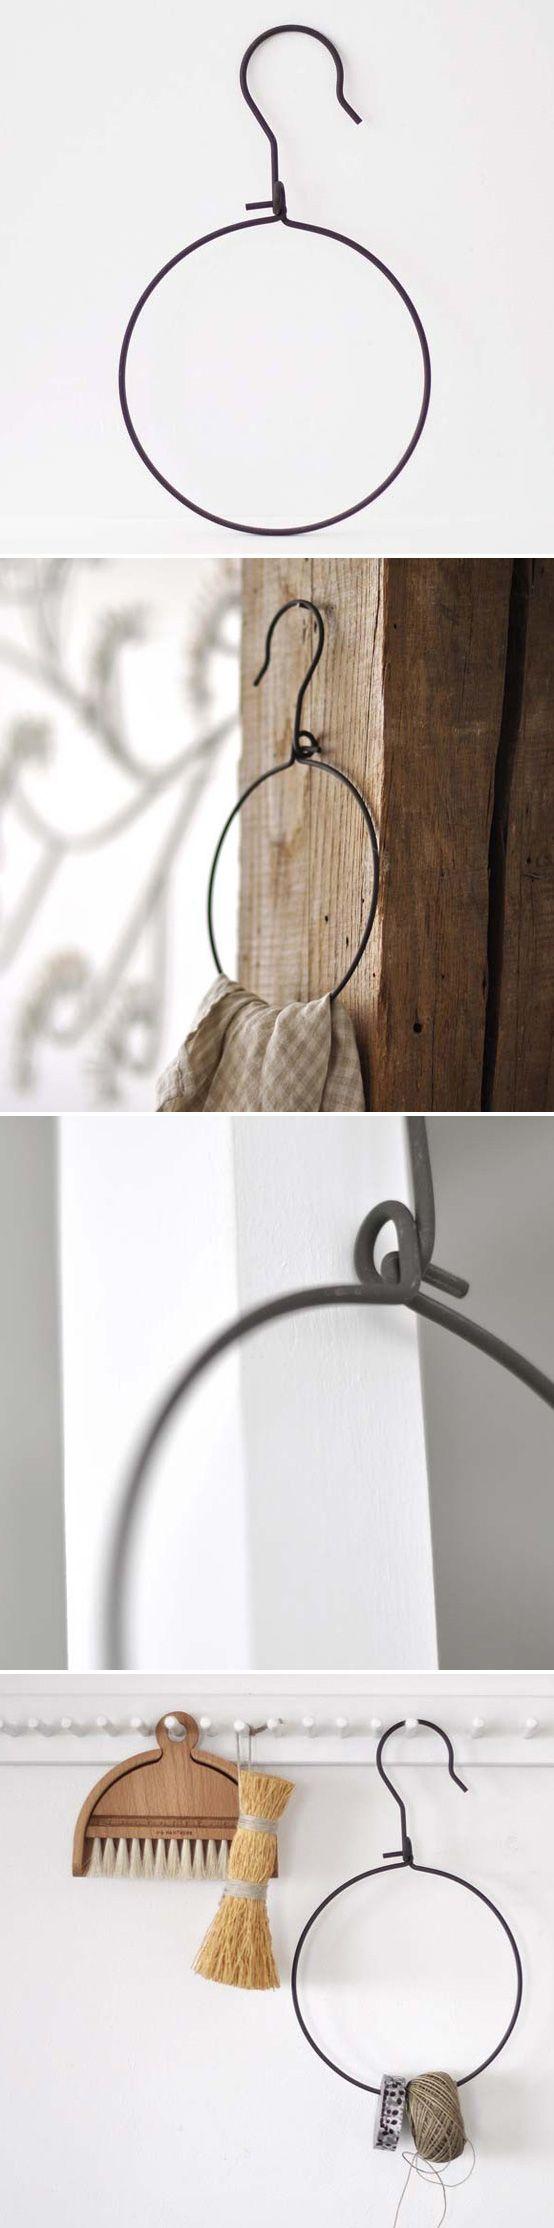 Stiff wire for crafts - Download